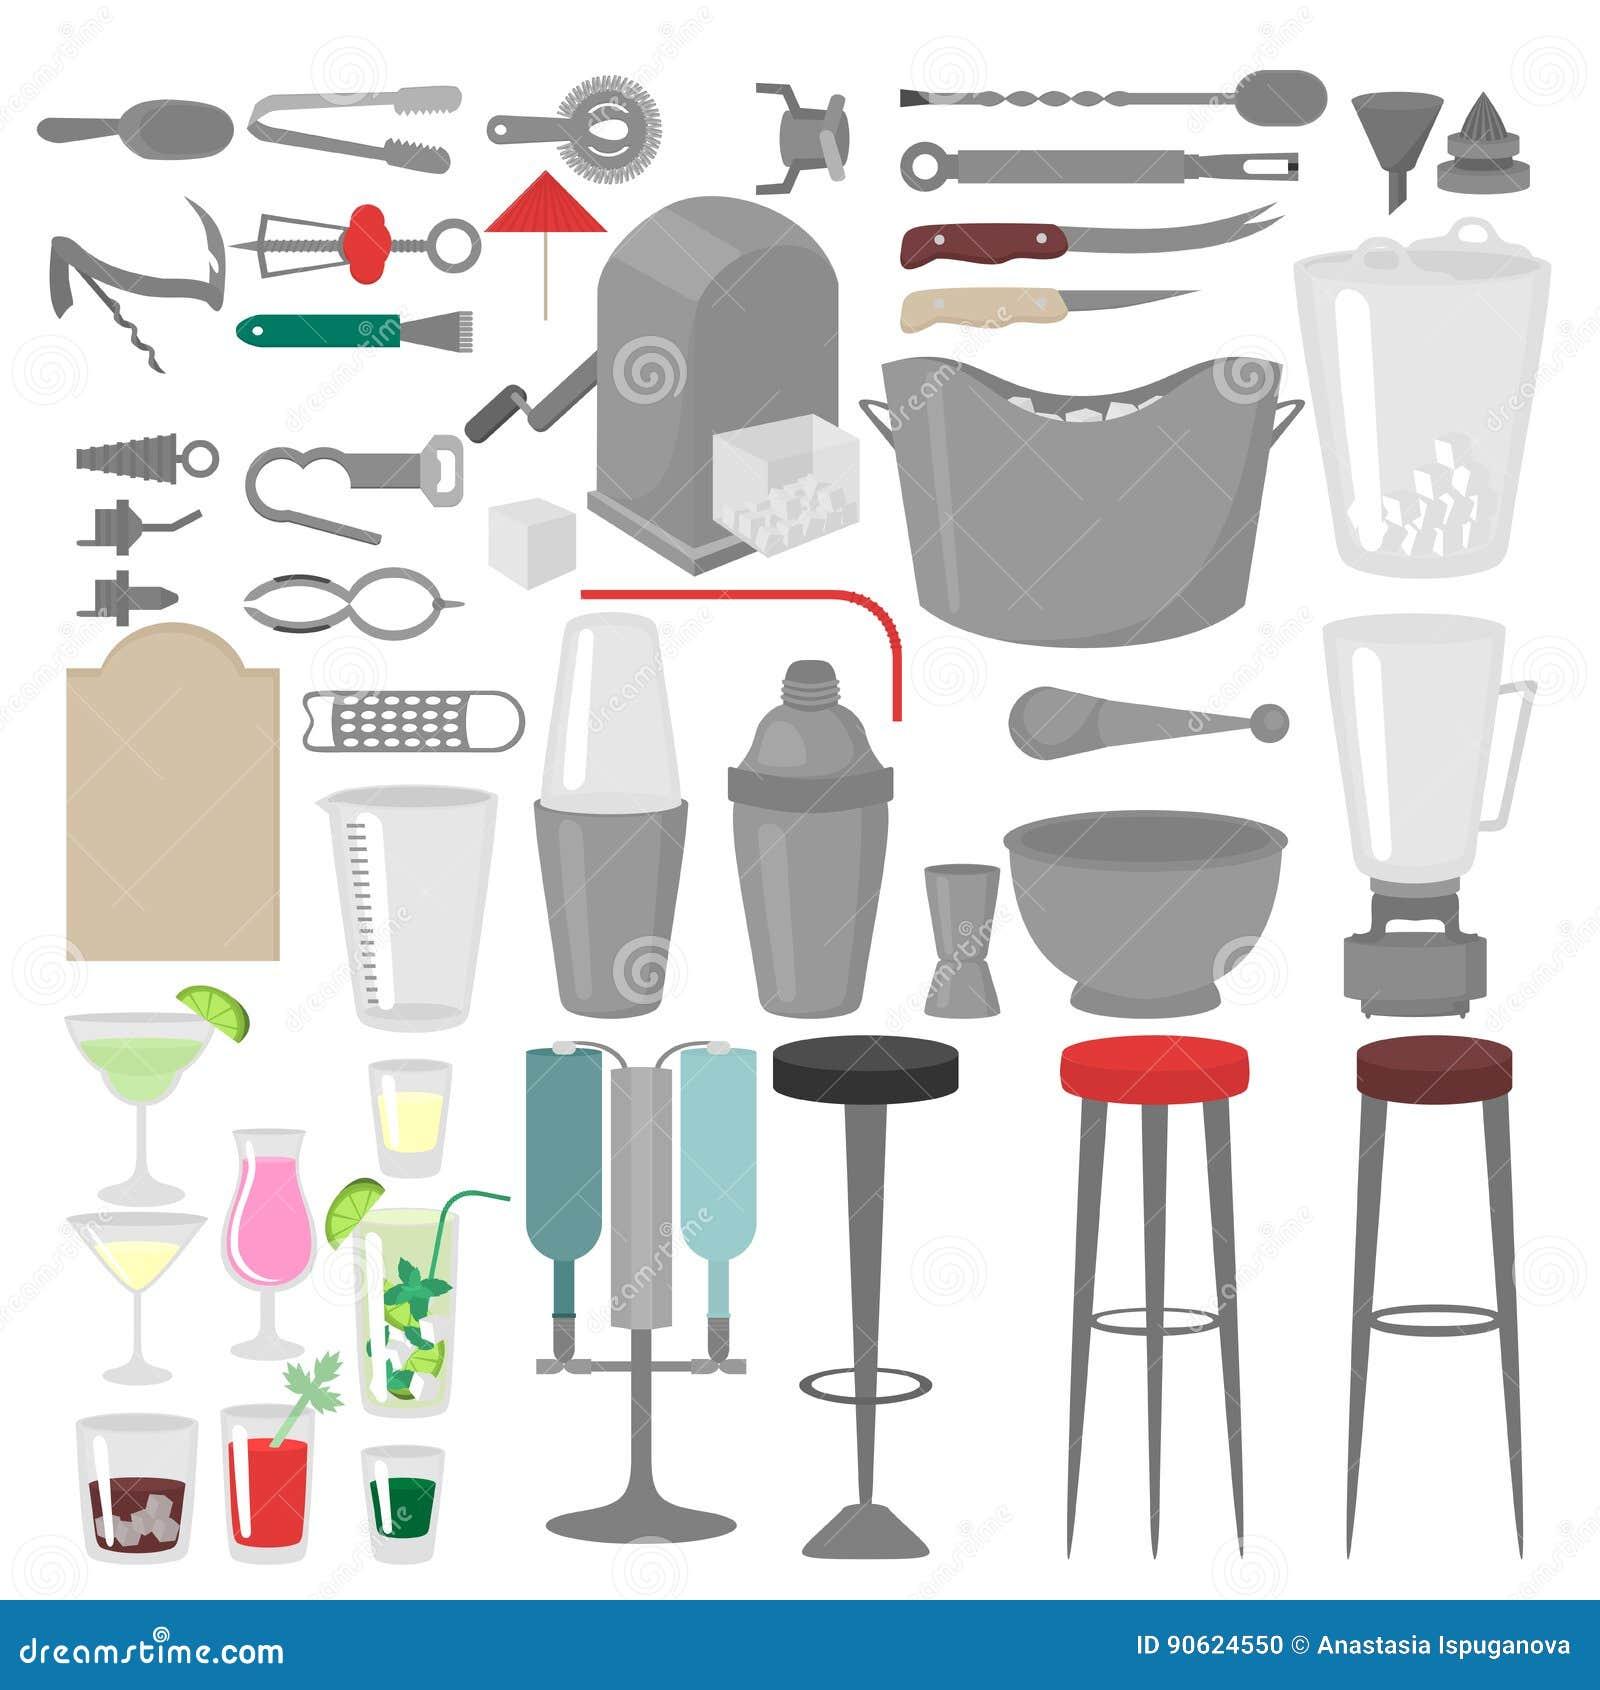 Flat Barman Mixing, Opening And Garnishing Tools  Bartender